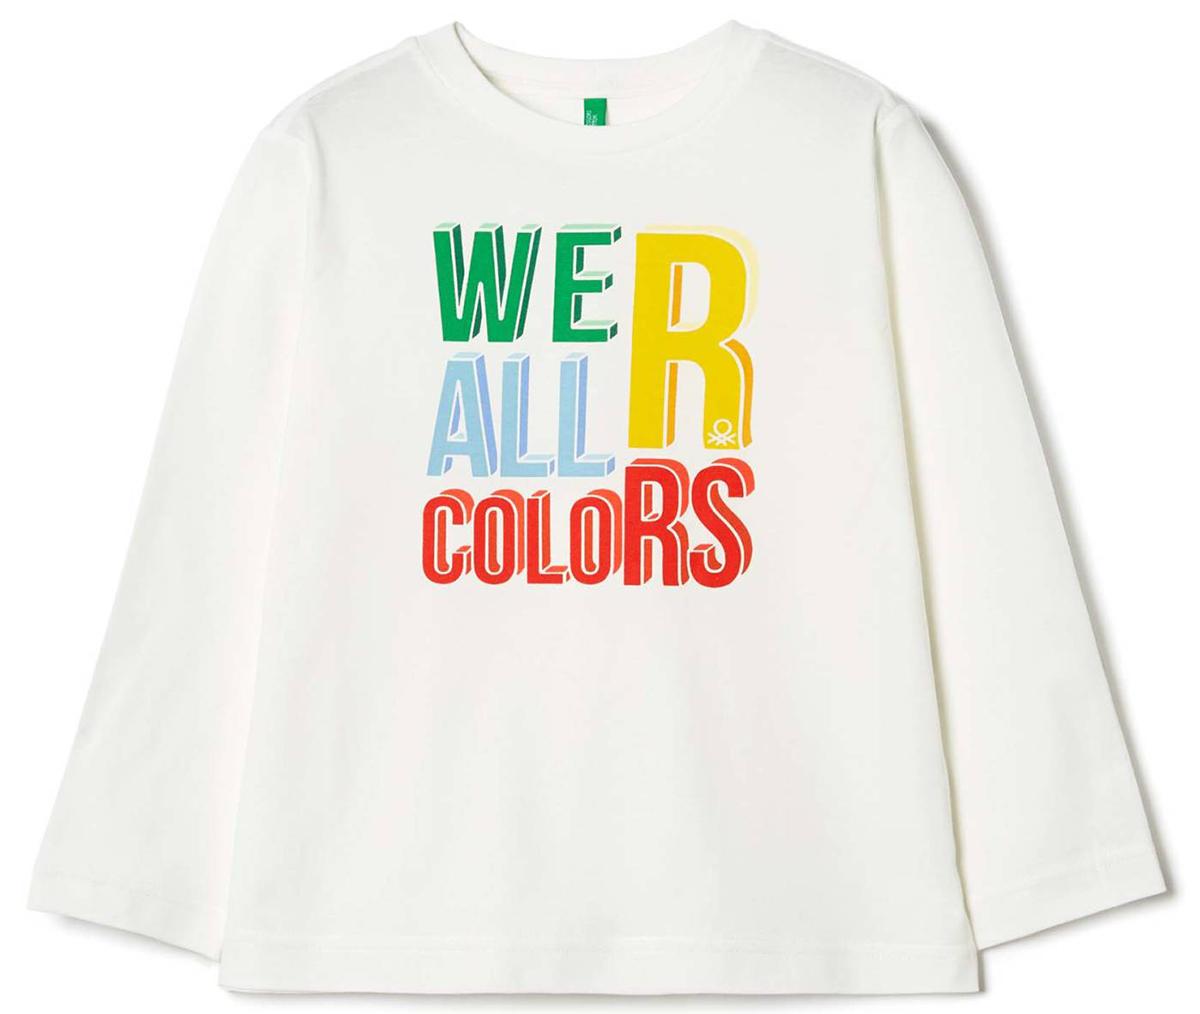 Лонгслив для мальчика United Colors of Benetton, цвет: белый. 3I1XC1389_074. Размер 1203I1XC1389_074Лонгслив для мальчика United Colors of Benetton выполнен из натурального хлопка. Модель с круглым вырезом горловины и длинными рукавами.